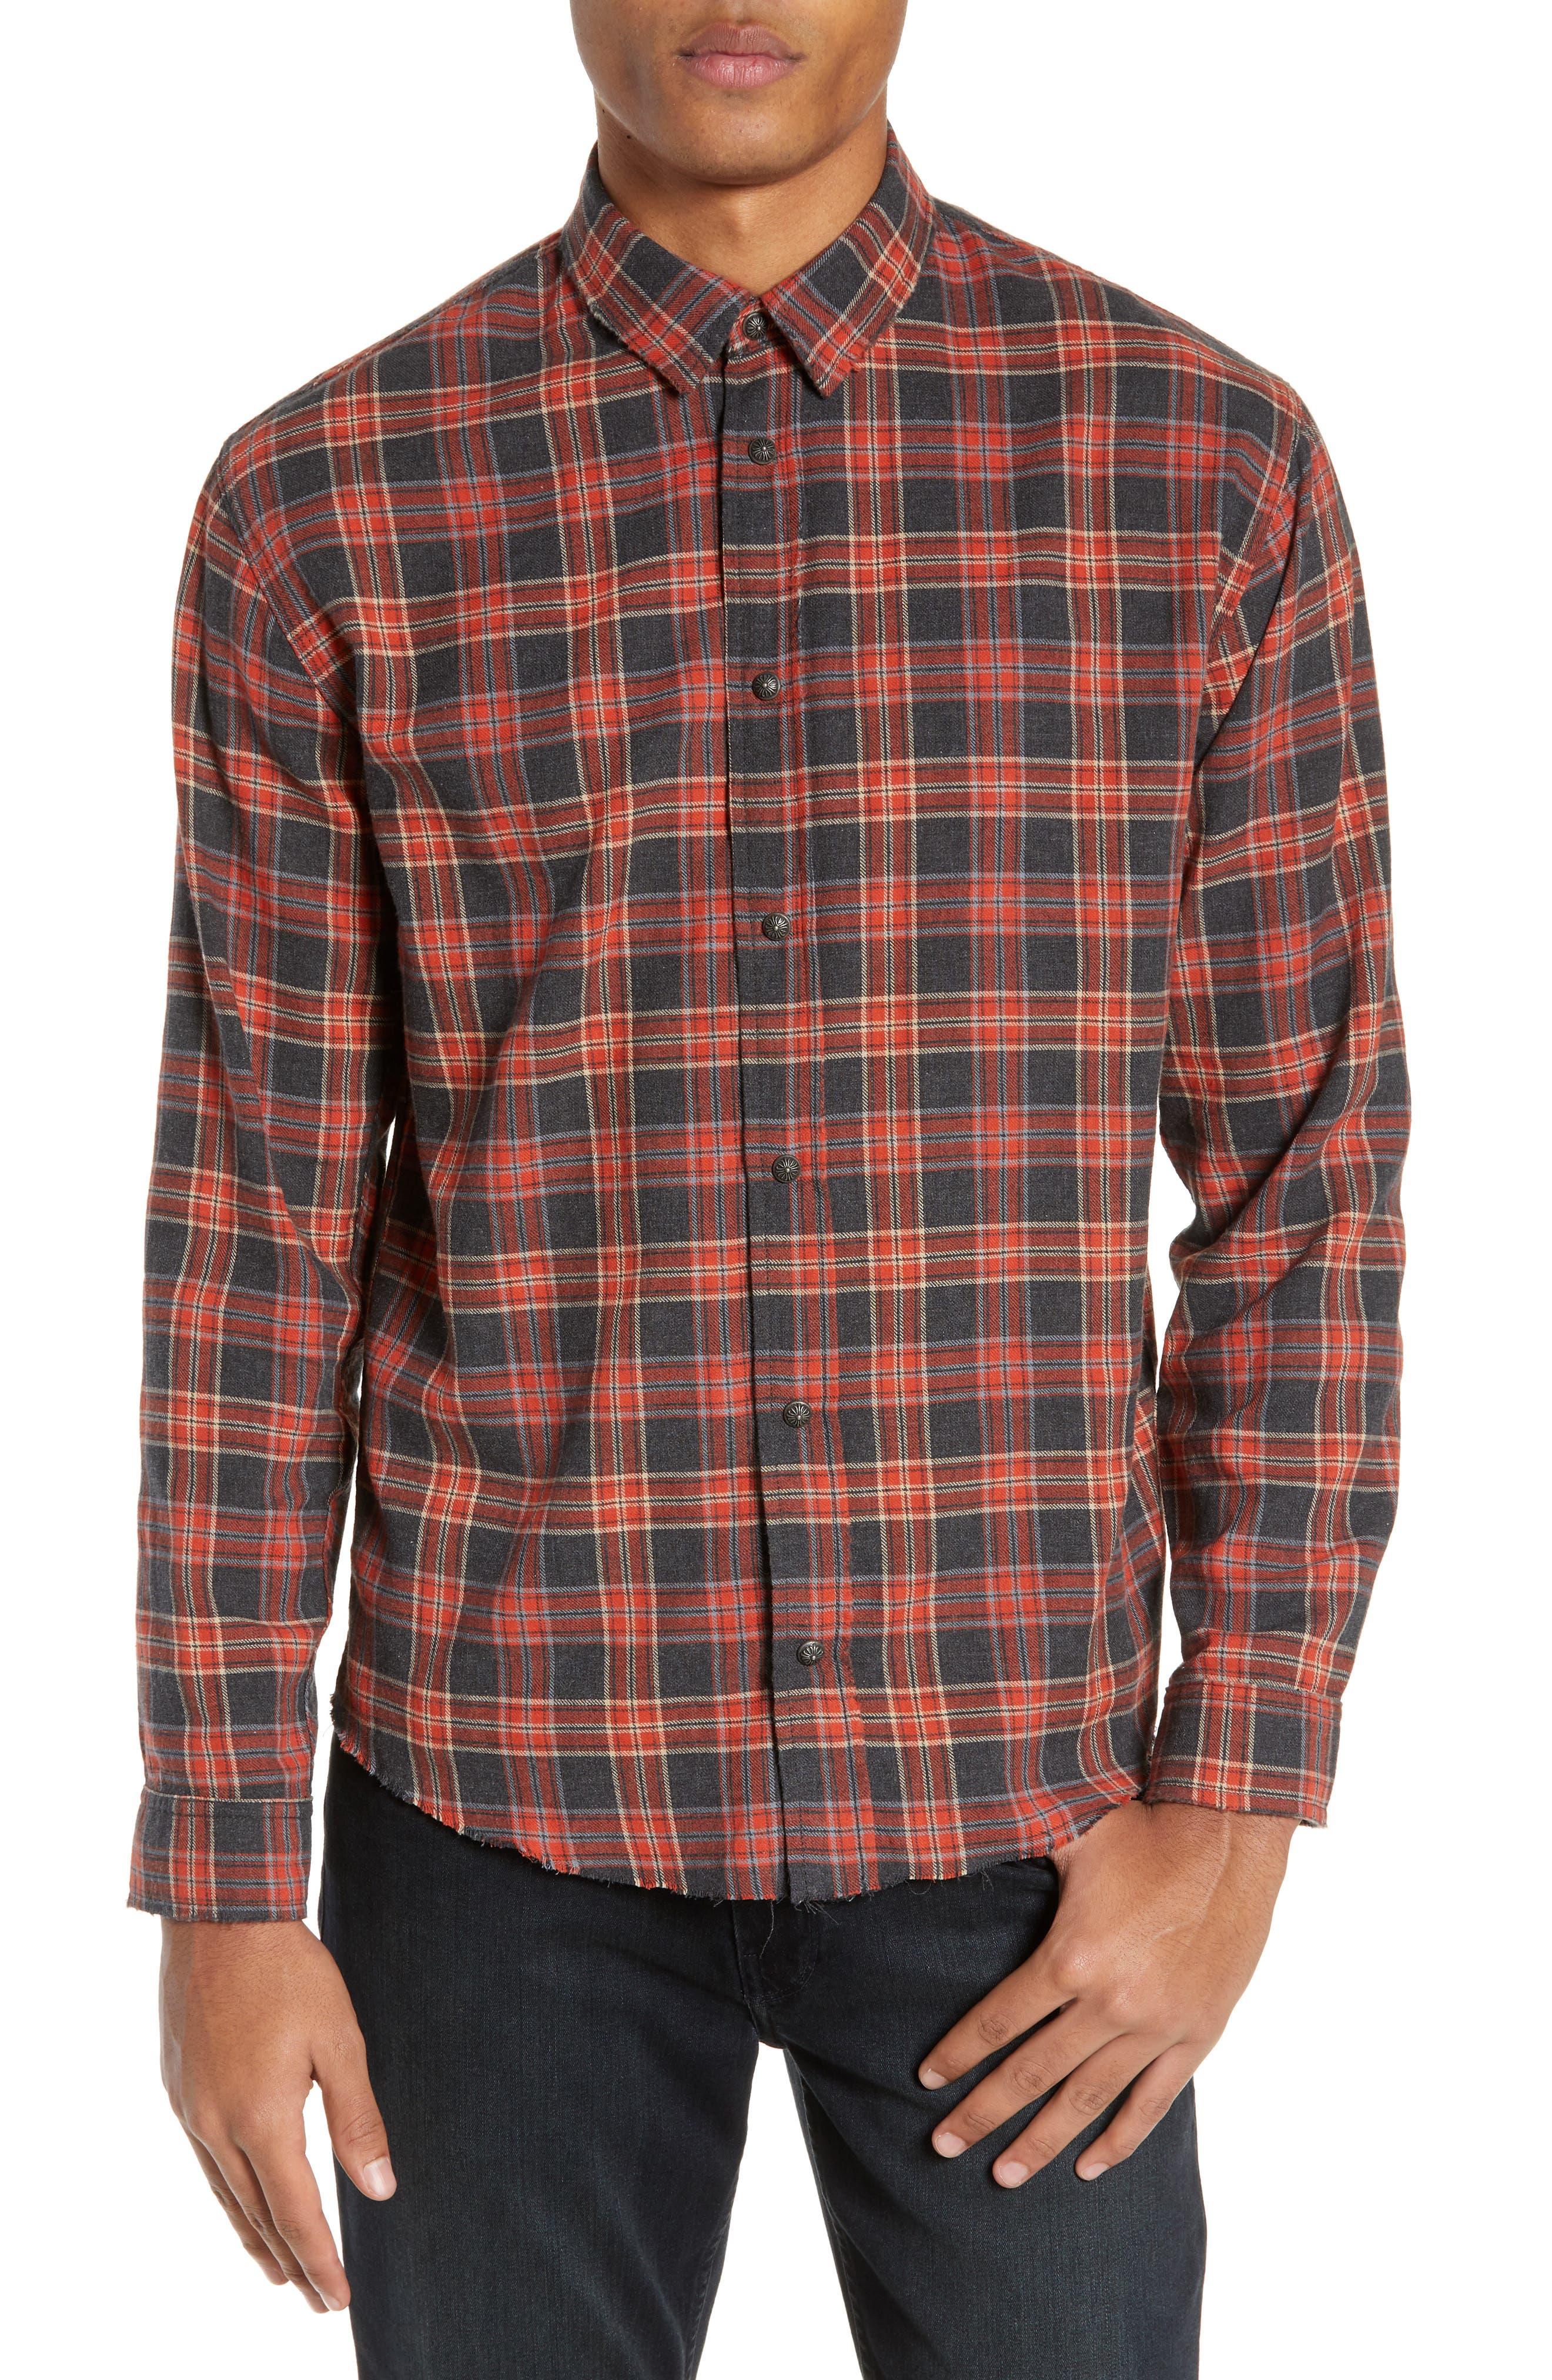 Plaid Regular Fit Flannel Shirt, Main, color, 800